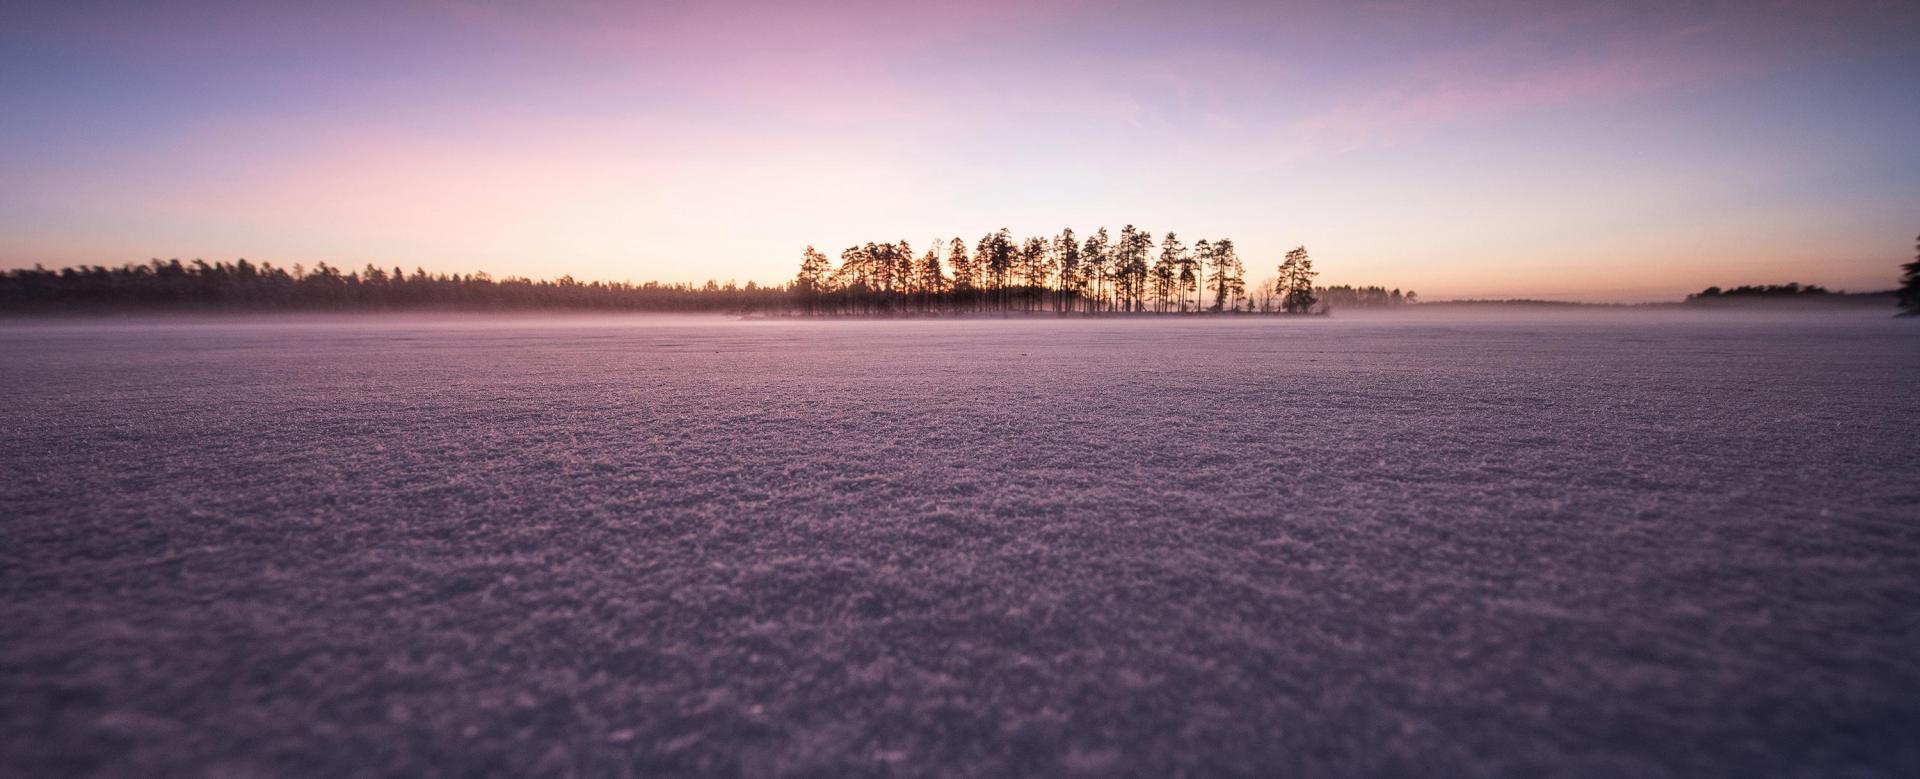 Voyage à pied : Finlande : Séjour libre à kiilopaa